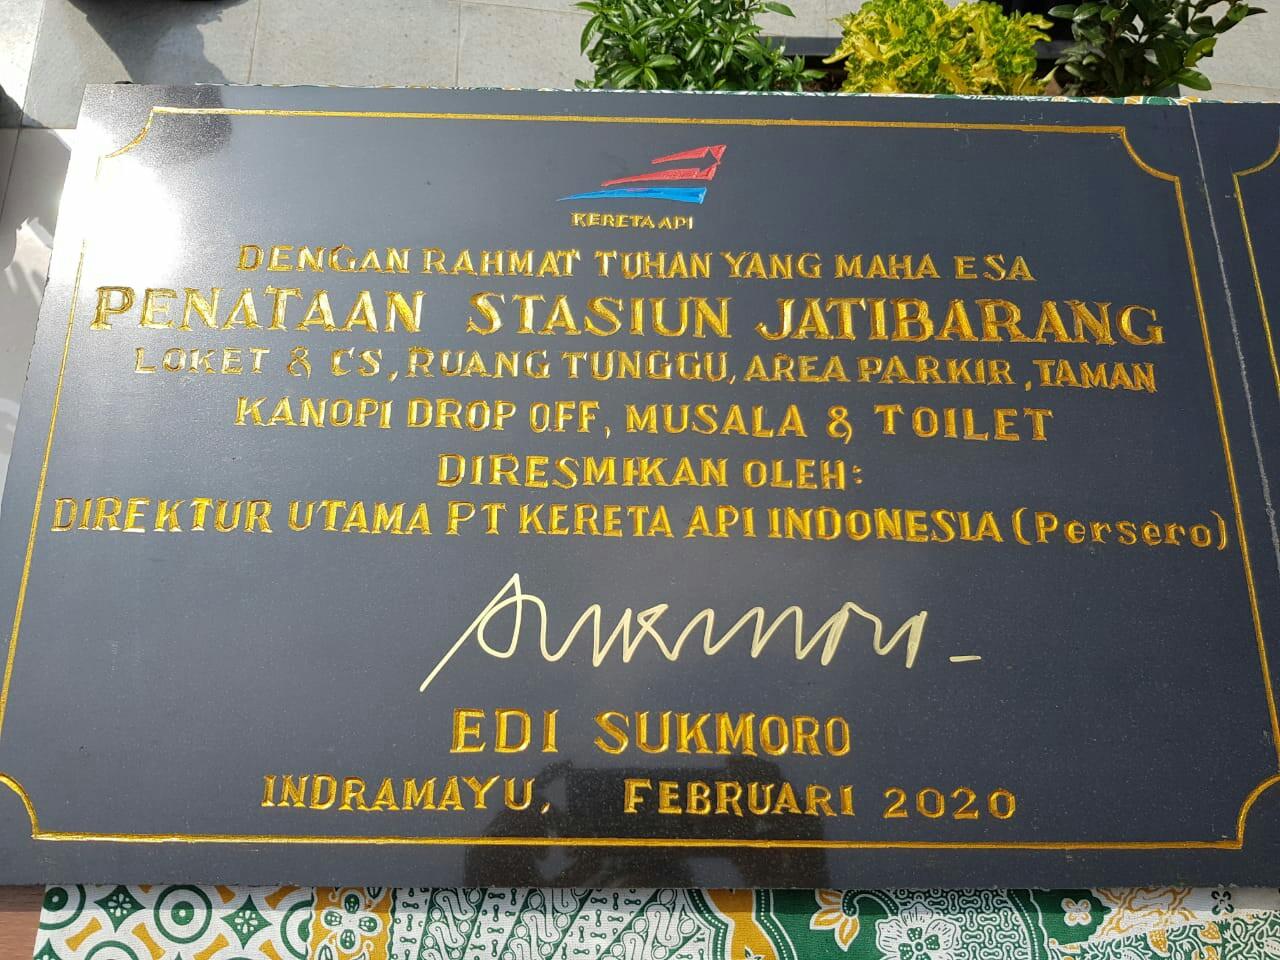 Penataan Stasiun Jatibarang merupakan wujud sinergi BUMN untuk mendukung program pembangunan Pemerintah Provinsi Jawa Barat khususnya di wilayah Kabupaten Indramayu.